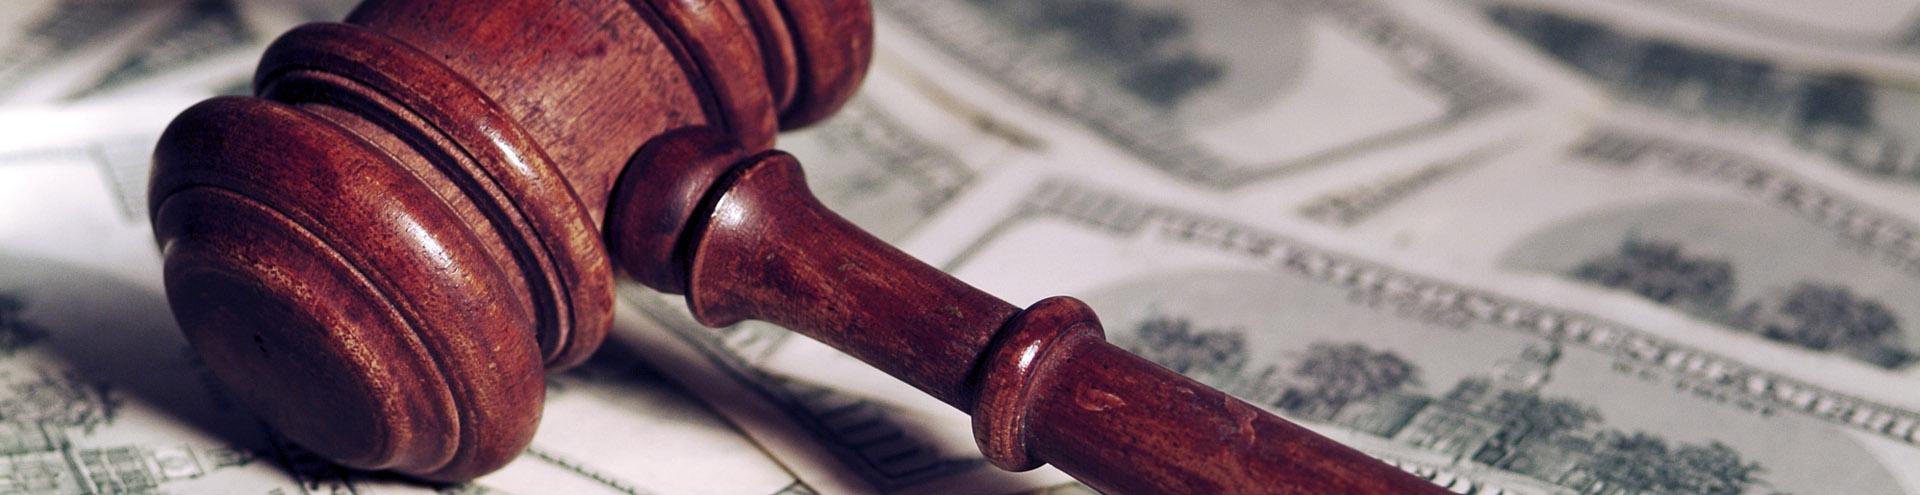 Взыскание задолженности по договору арбитраж